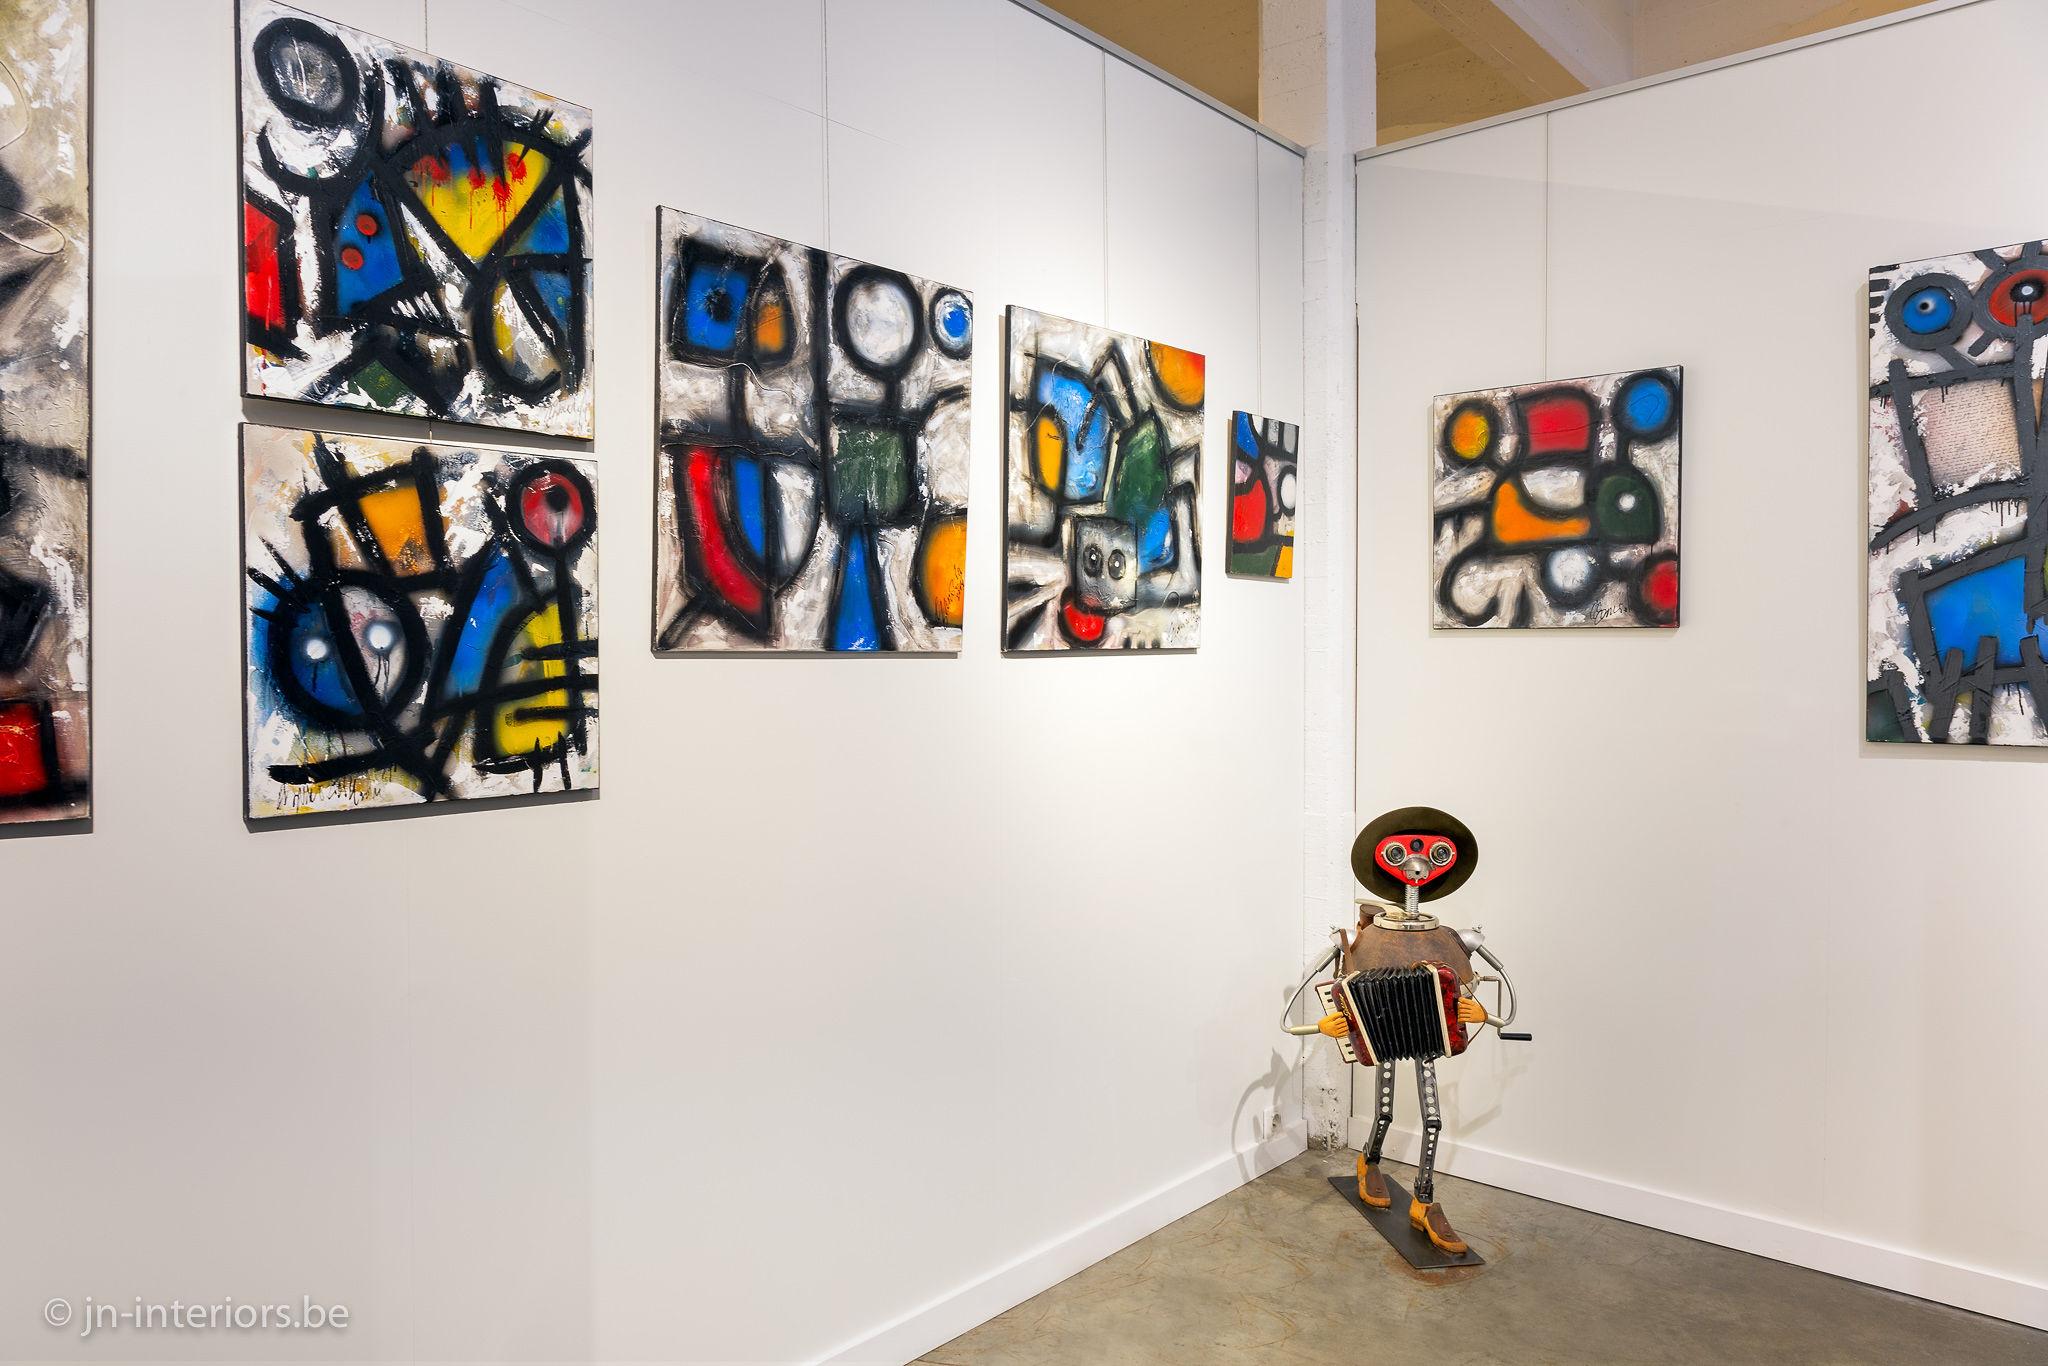 tableaux colorés, artiste belge, vernissage, galerie d'art, art abstrait, tableau rouge bleu jaune, exposition d'art, jn interiors, jour et nuit liège verviers